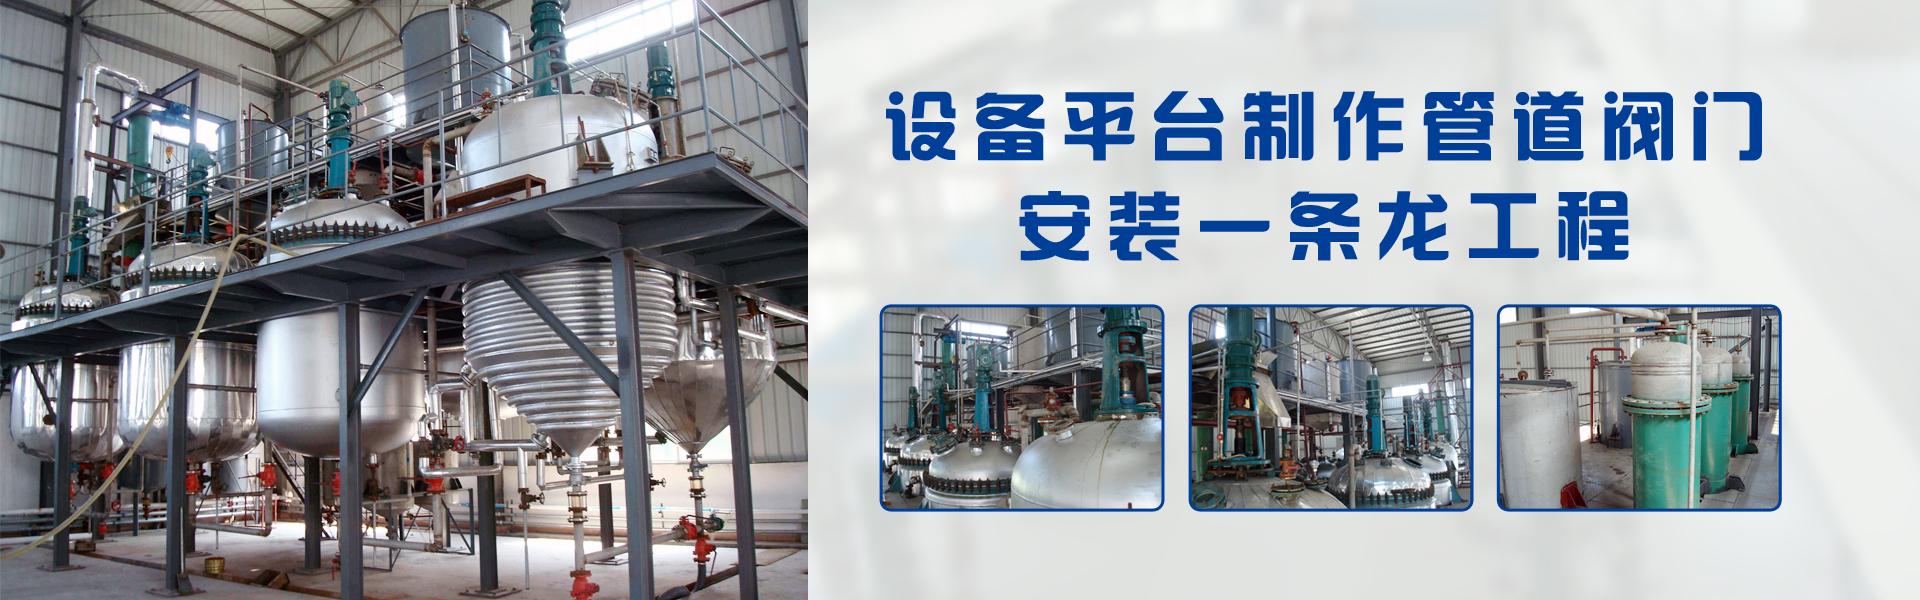 肇庆市正大化工机械设备北京赛车pk拾开奖直播专业从事特种机械设备制造,产品设备广泛应用于医药化工、日用化工、石油化工。